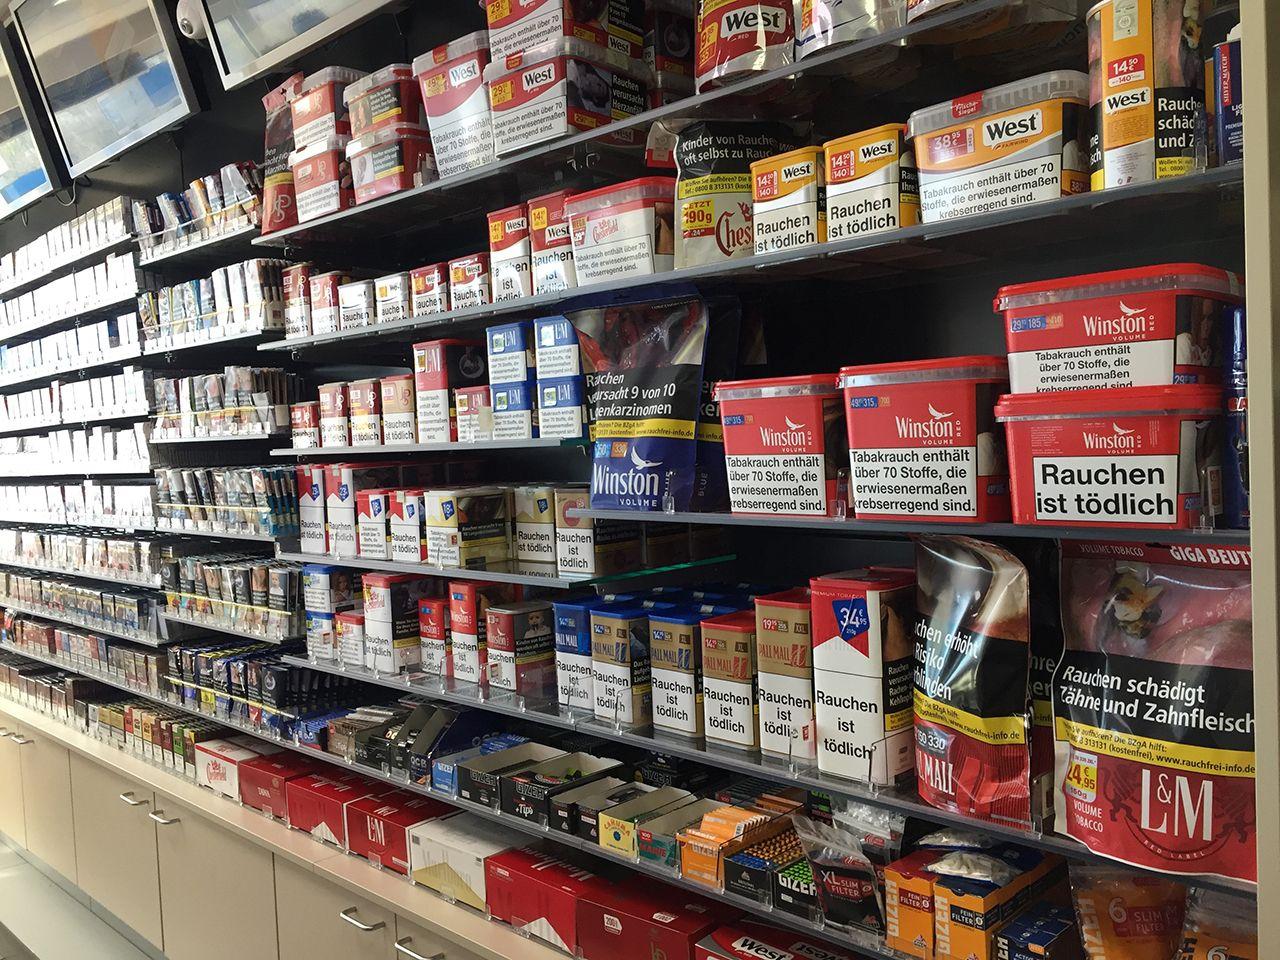 autoservice-hansen_shop-ueberdurchschnittliche-tabak-auswahl